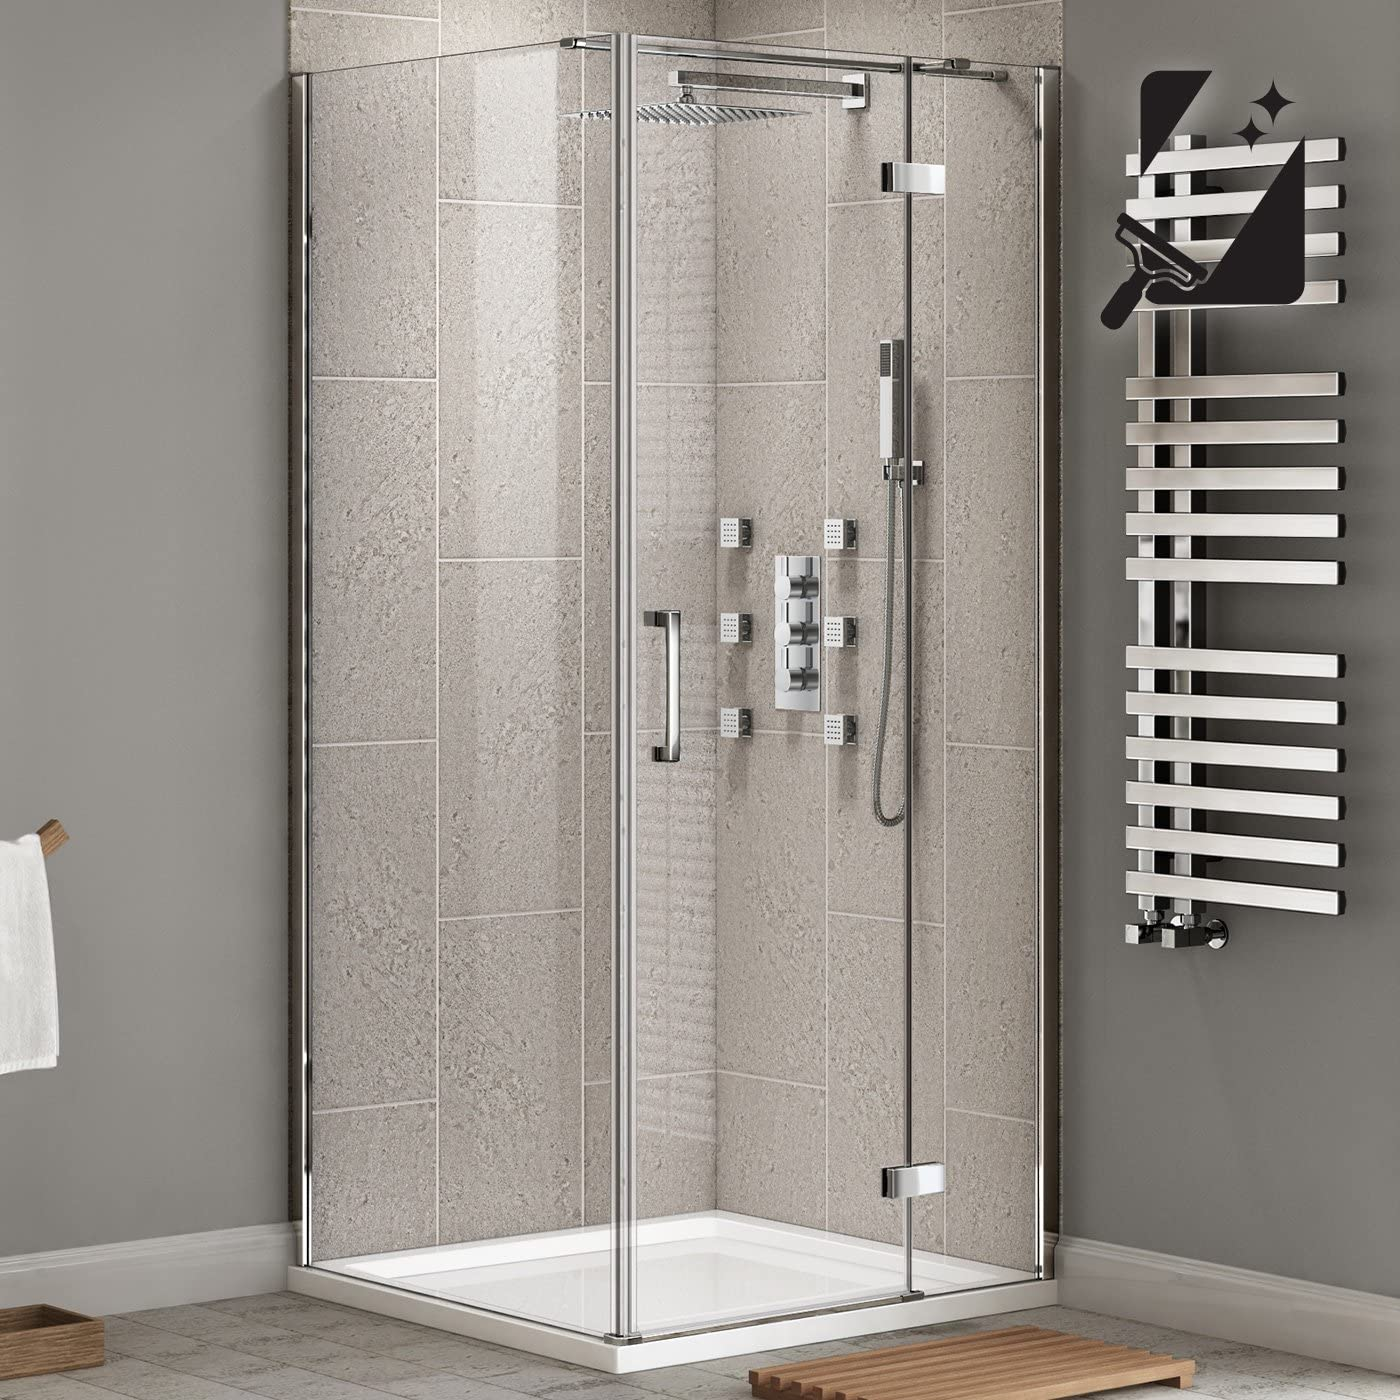 1200 x 900 mm moderno cuarto de baño con cabina de ducha de vidrio limpio fácil + laterales de cristal: iBathUK: Amazon.es: Hogar